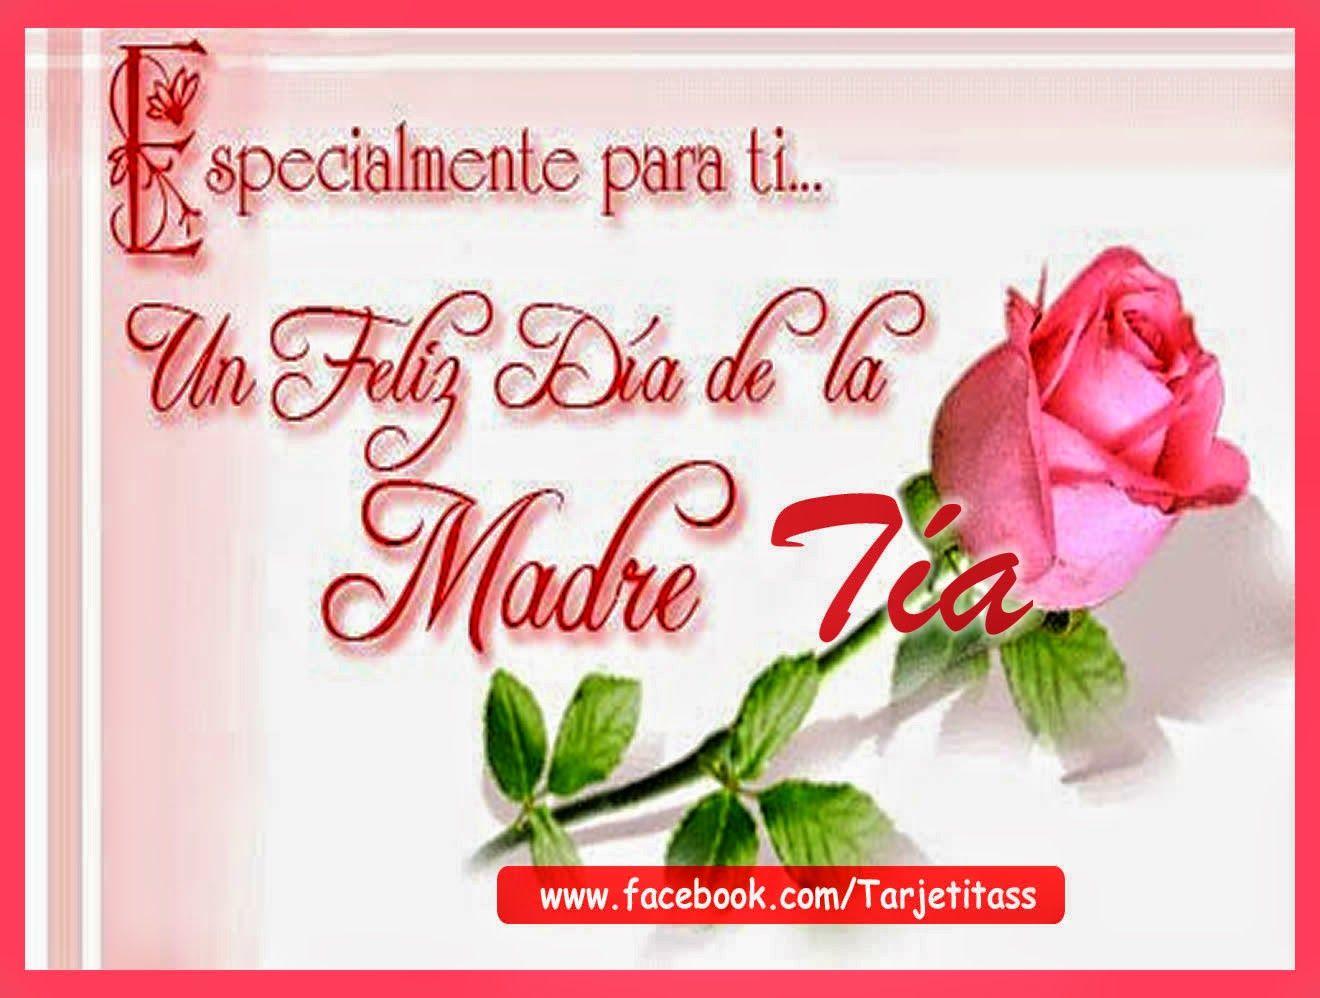 Feliz Día De Las Madres Feliz Dia Mama 6 Jpg 1320 998 Imágenes De Feliz Día Feliz Dia Madres Frases Mensaje Del Día De La Madre